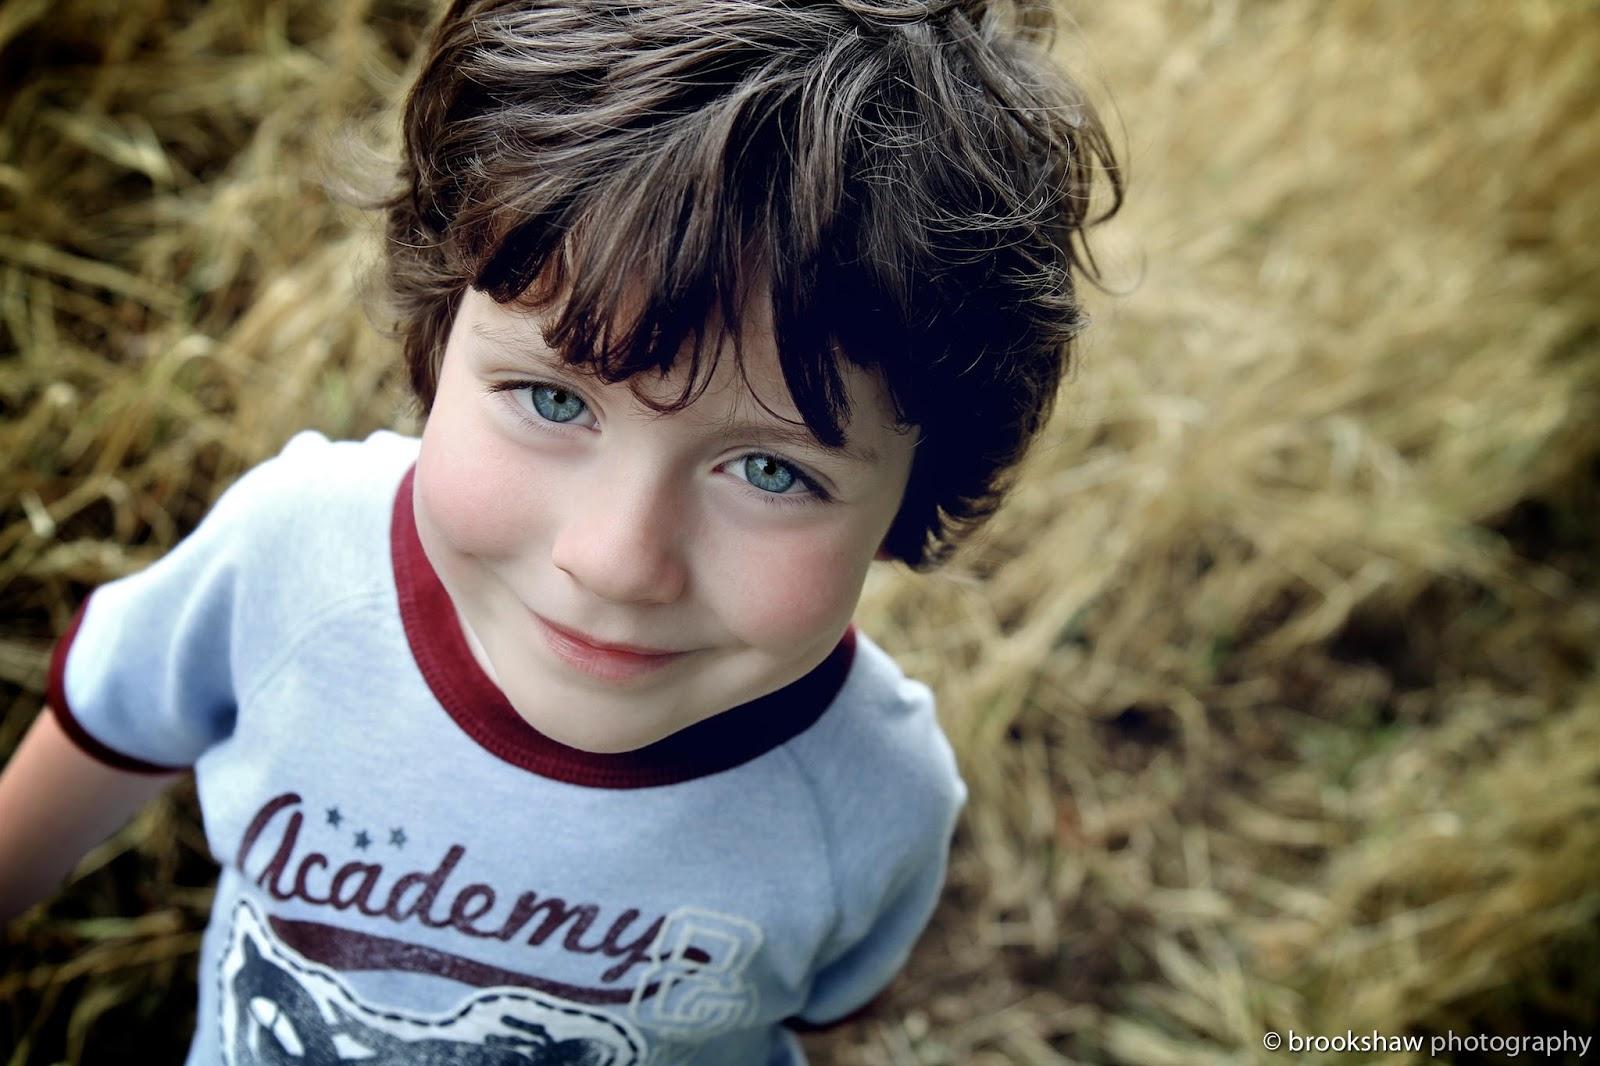 بالصور صور اولاد , اجمل صور اطفال حلوين جدا 2065 5